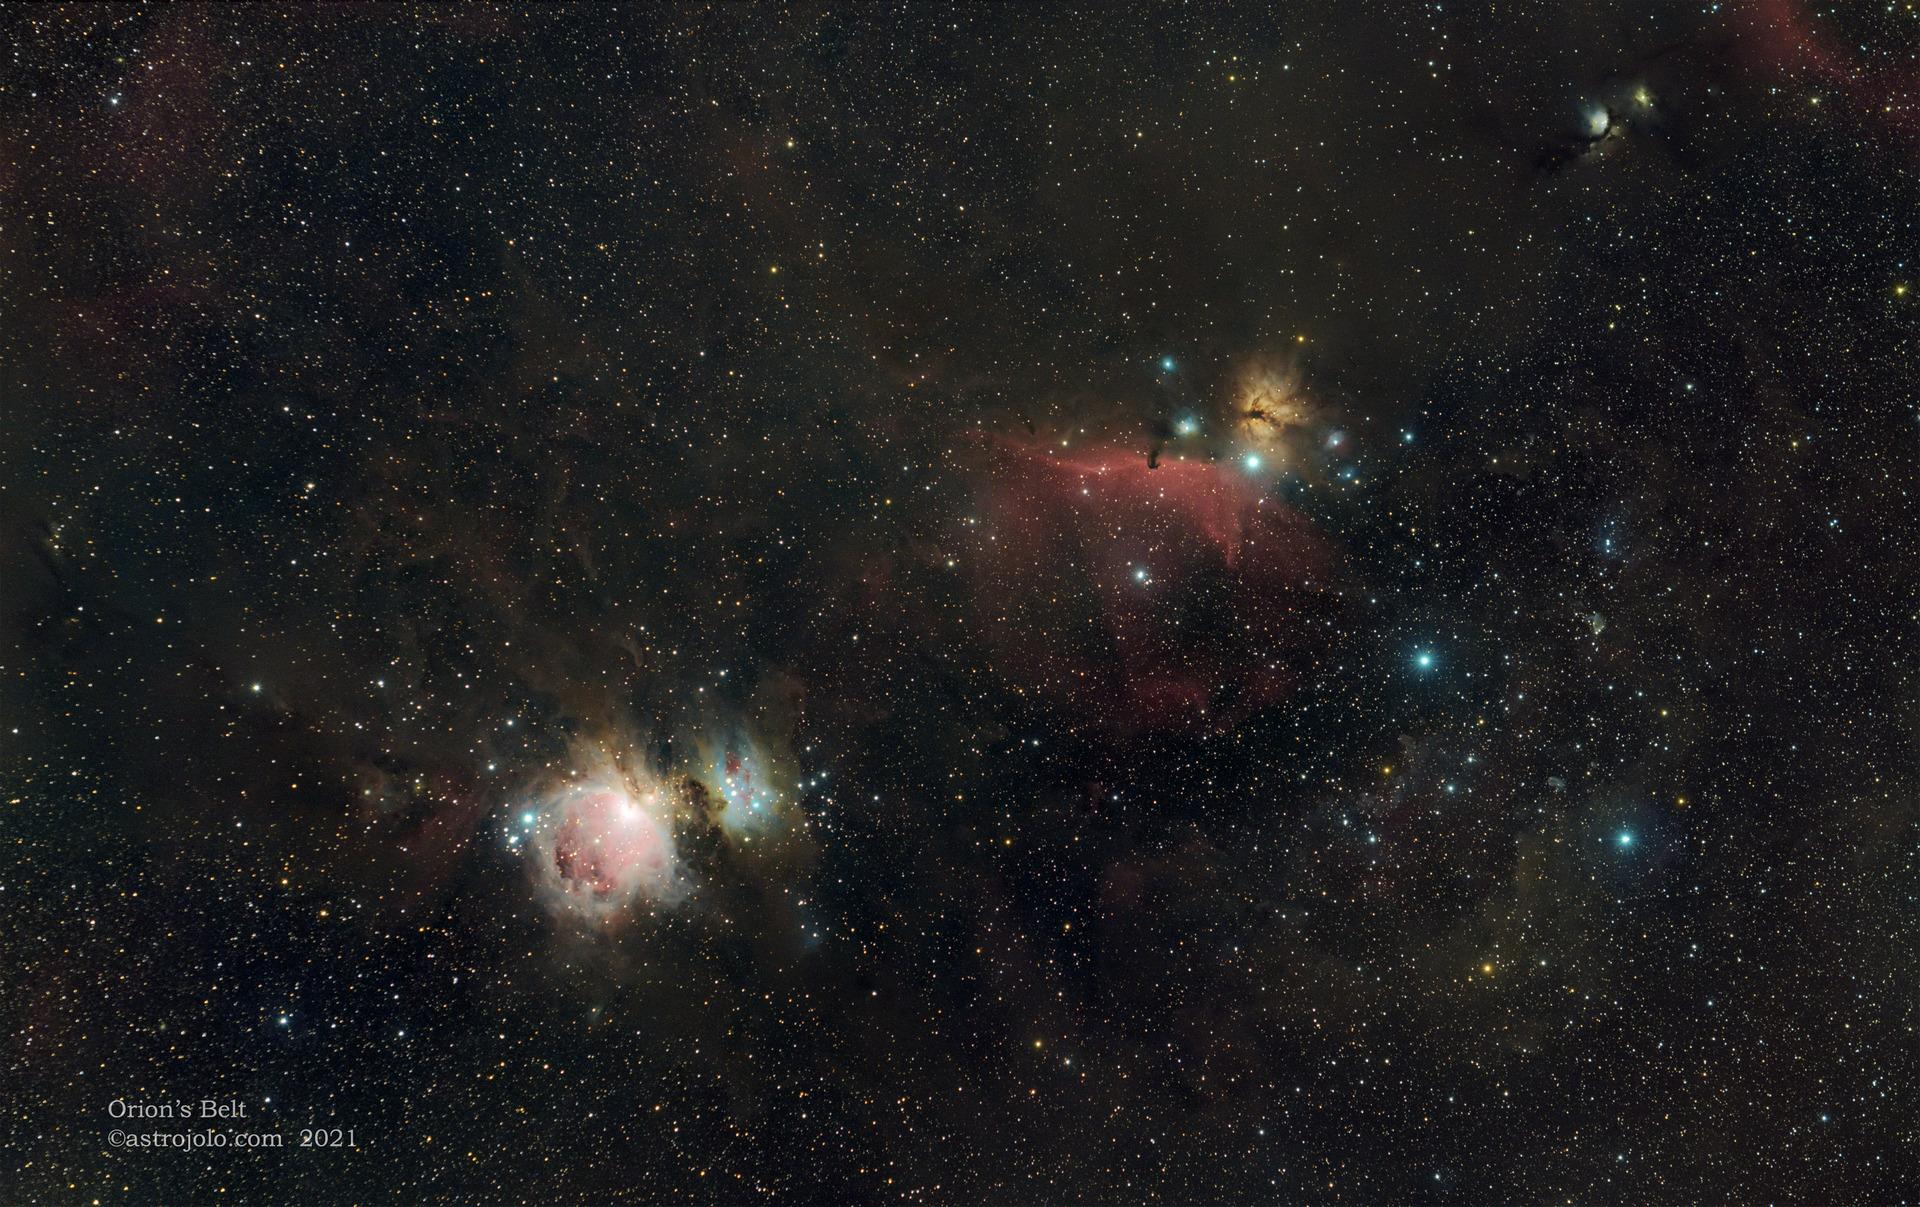 2021-03-02-Orions-Belt.jpg